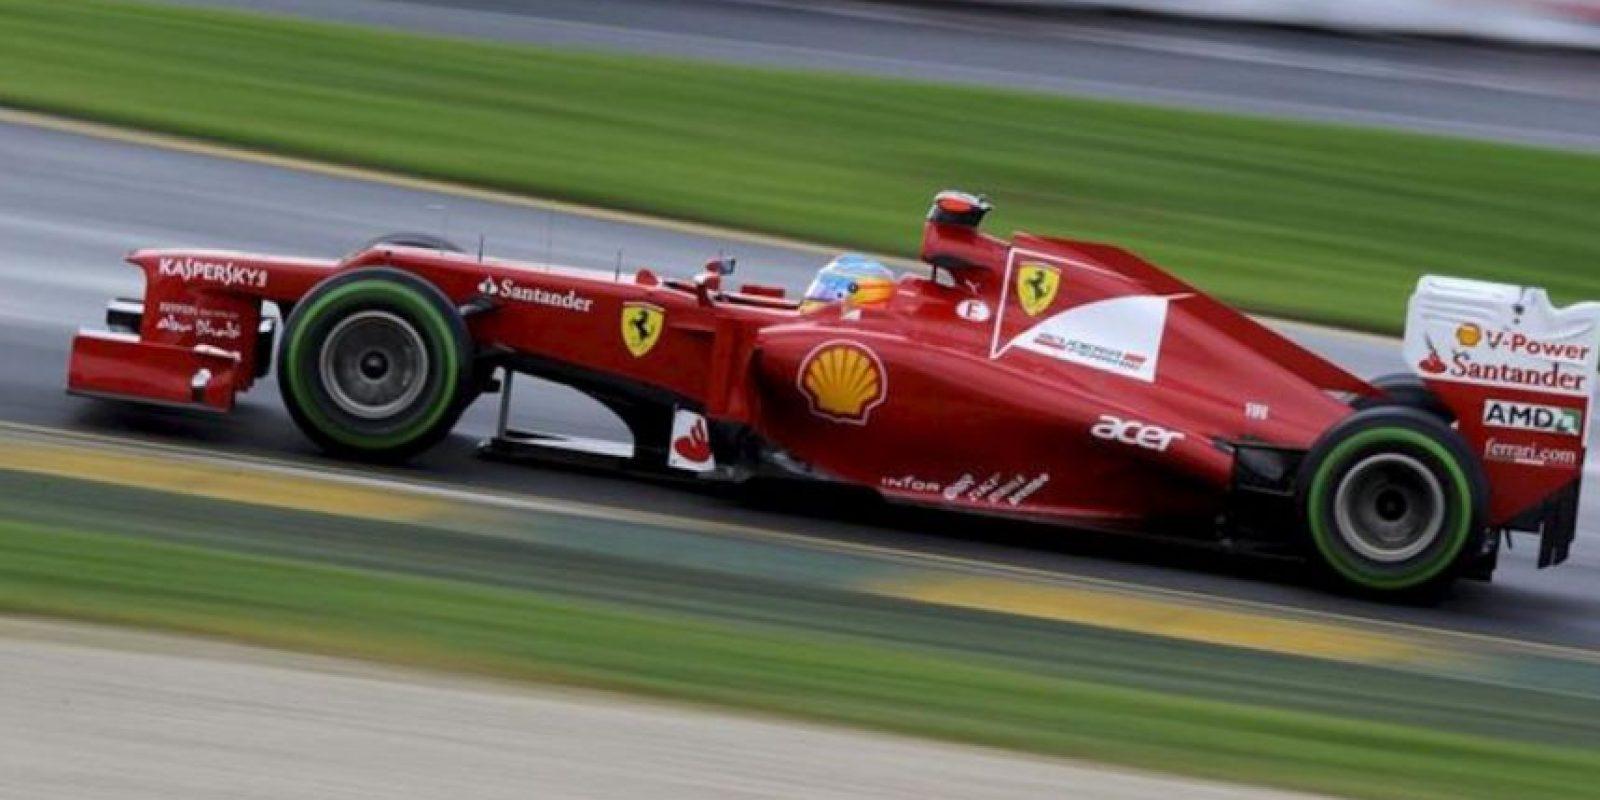 El piloto español de Fórmula Uno Fernando Alonso, de Ferrari, conduce su monoplaza durante una sesión de entrenamientos. EFE/Archivo